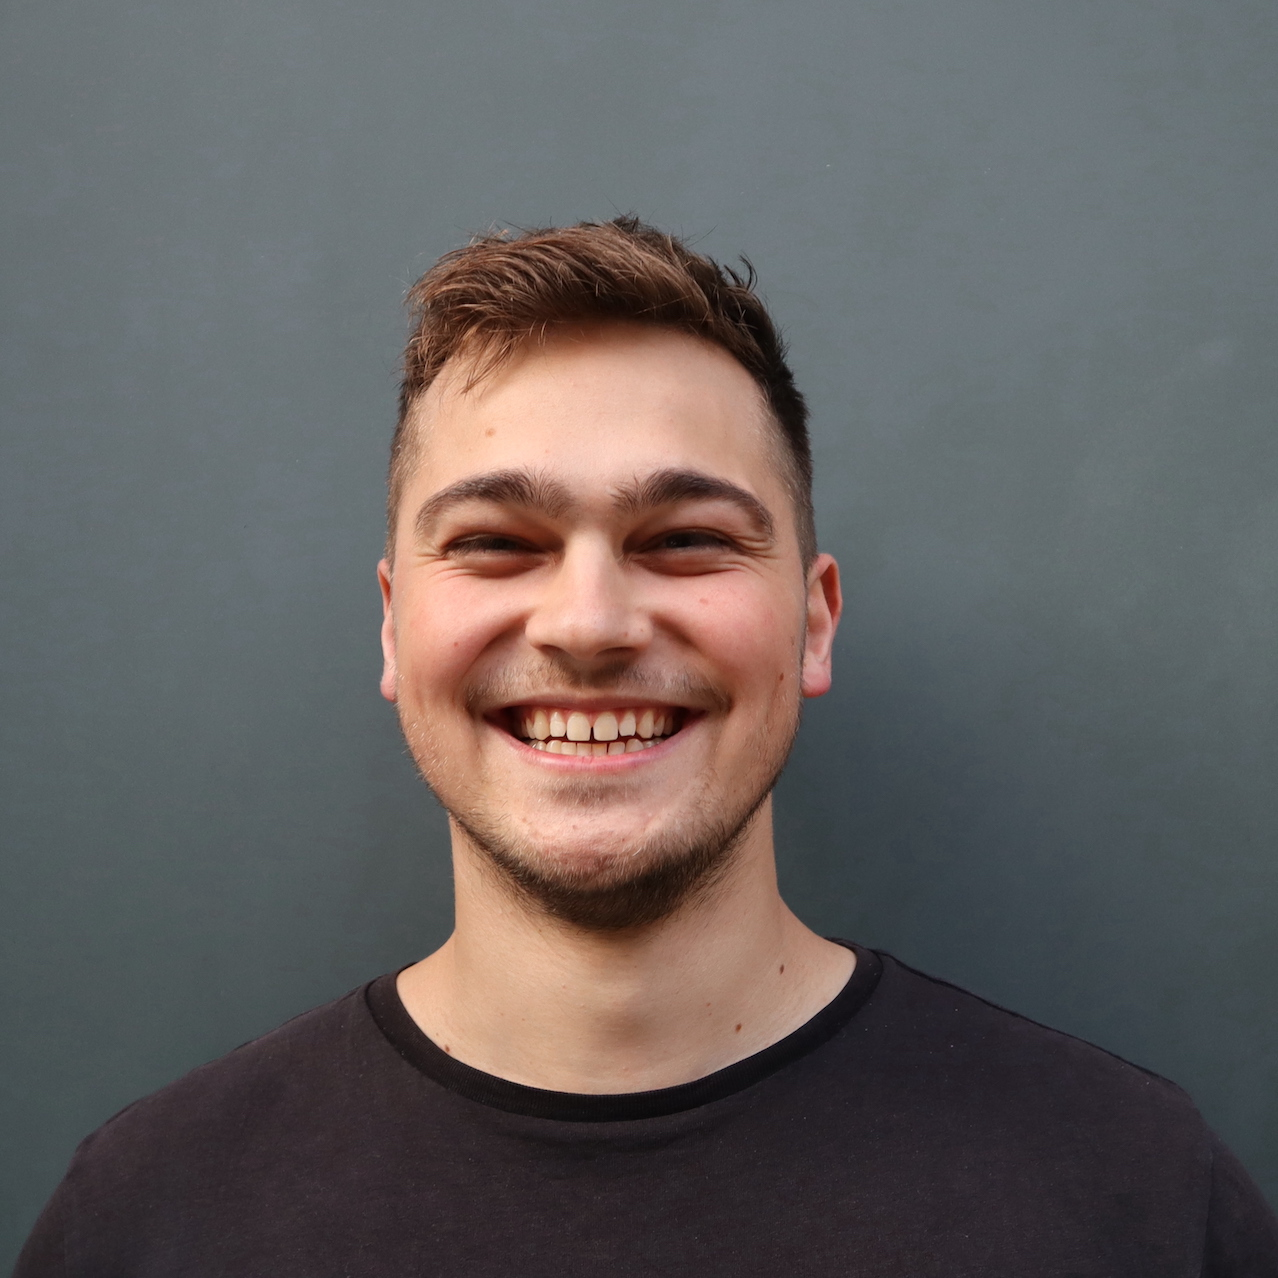 Moritz - Co-Founder & CTO